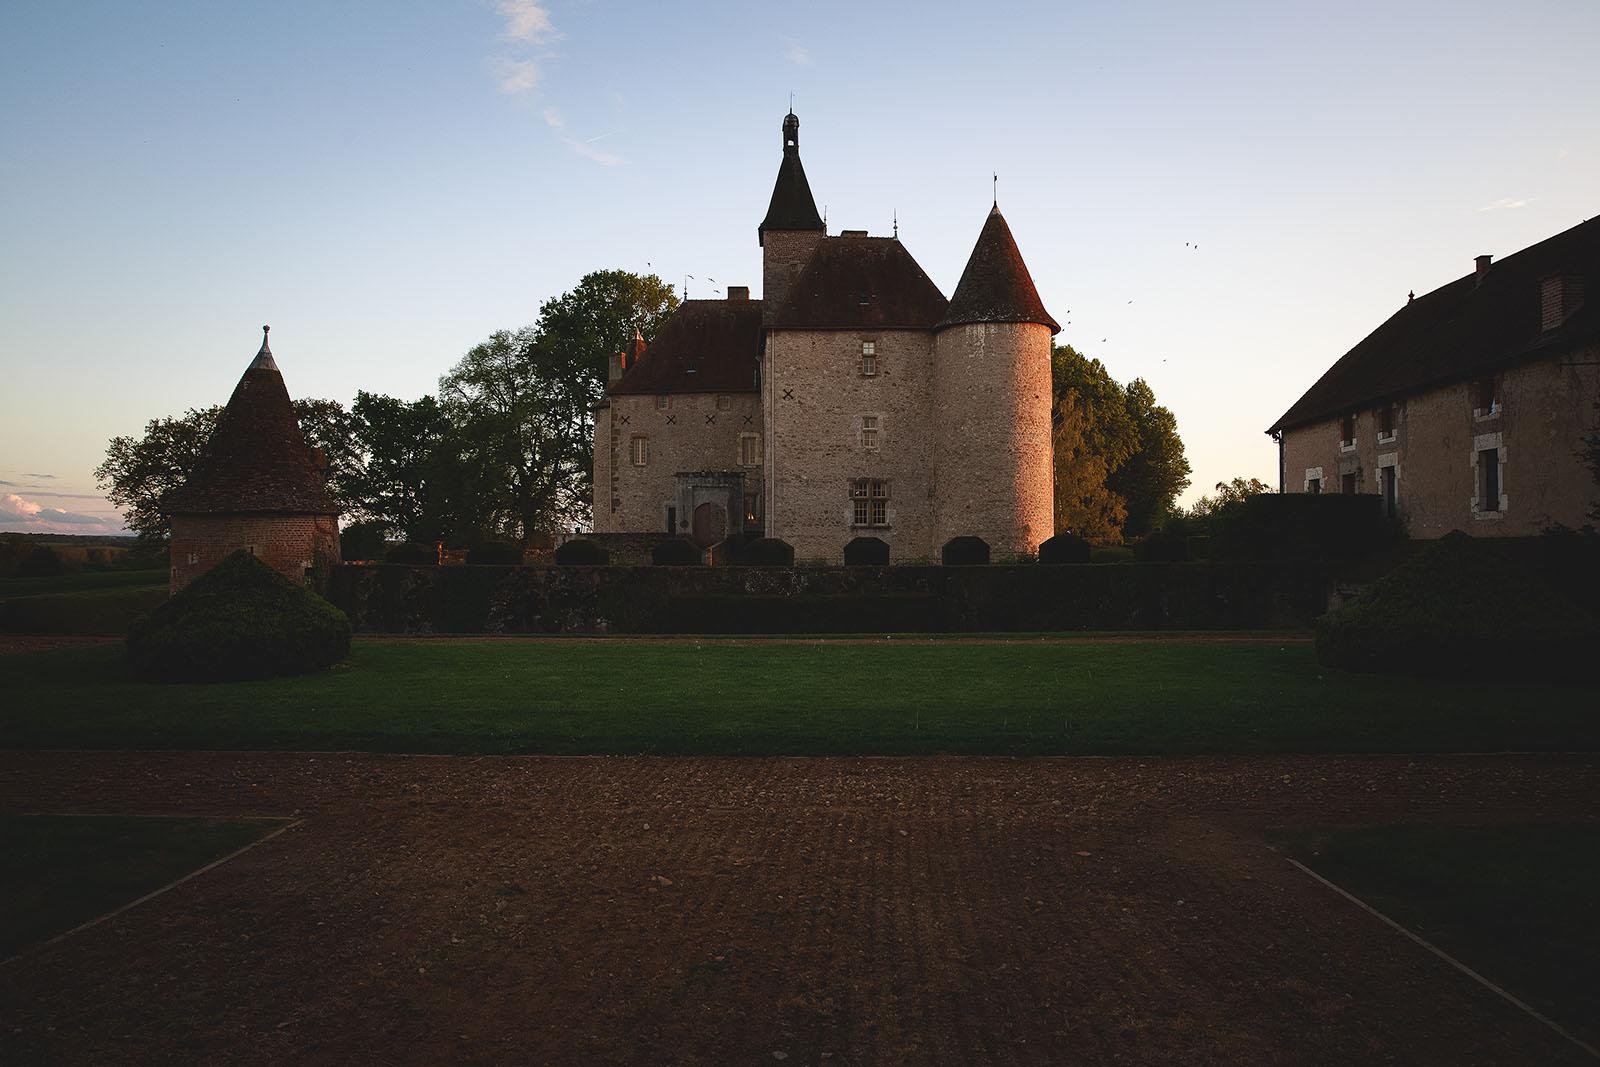 Mariage Château de Beauvoir. Le château vu de l'extérieur. David Pommier photographe de mariage